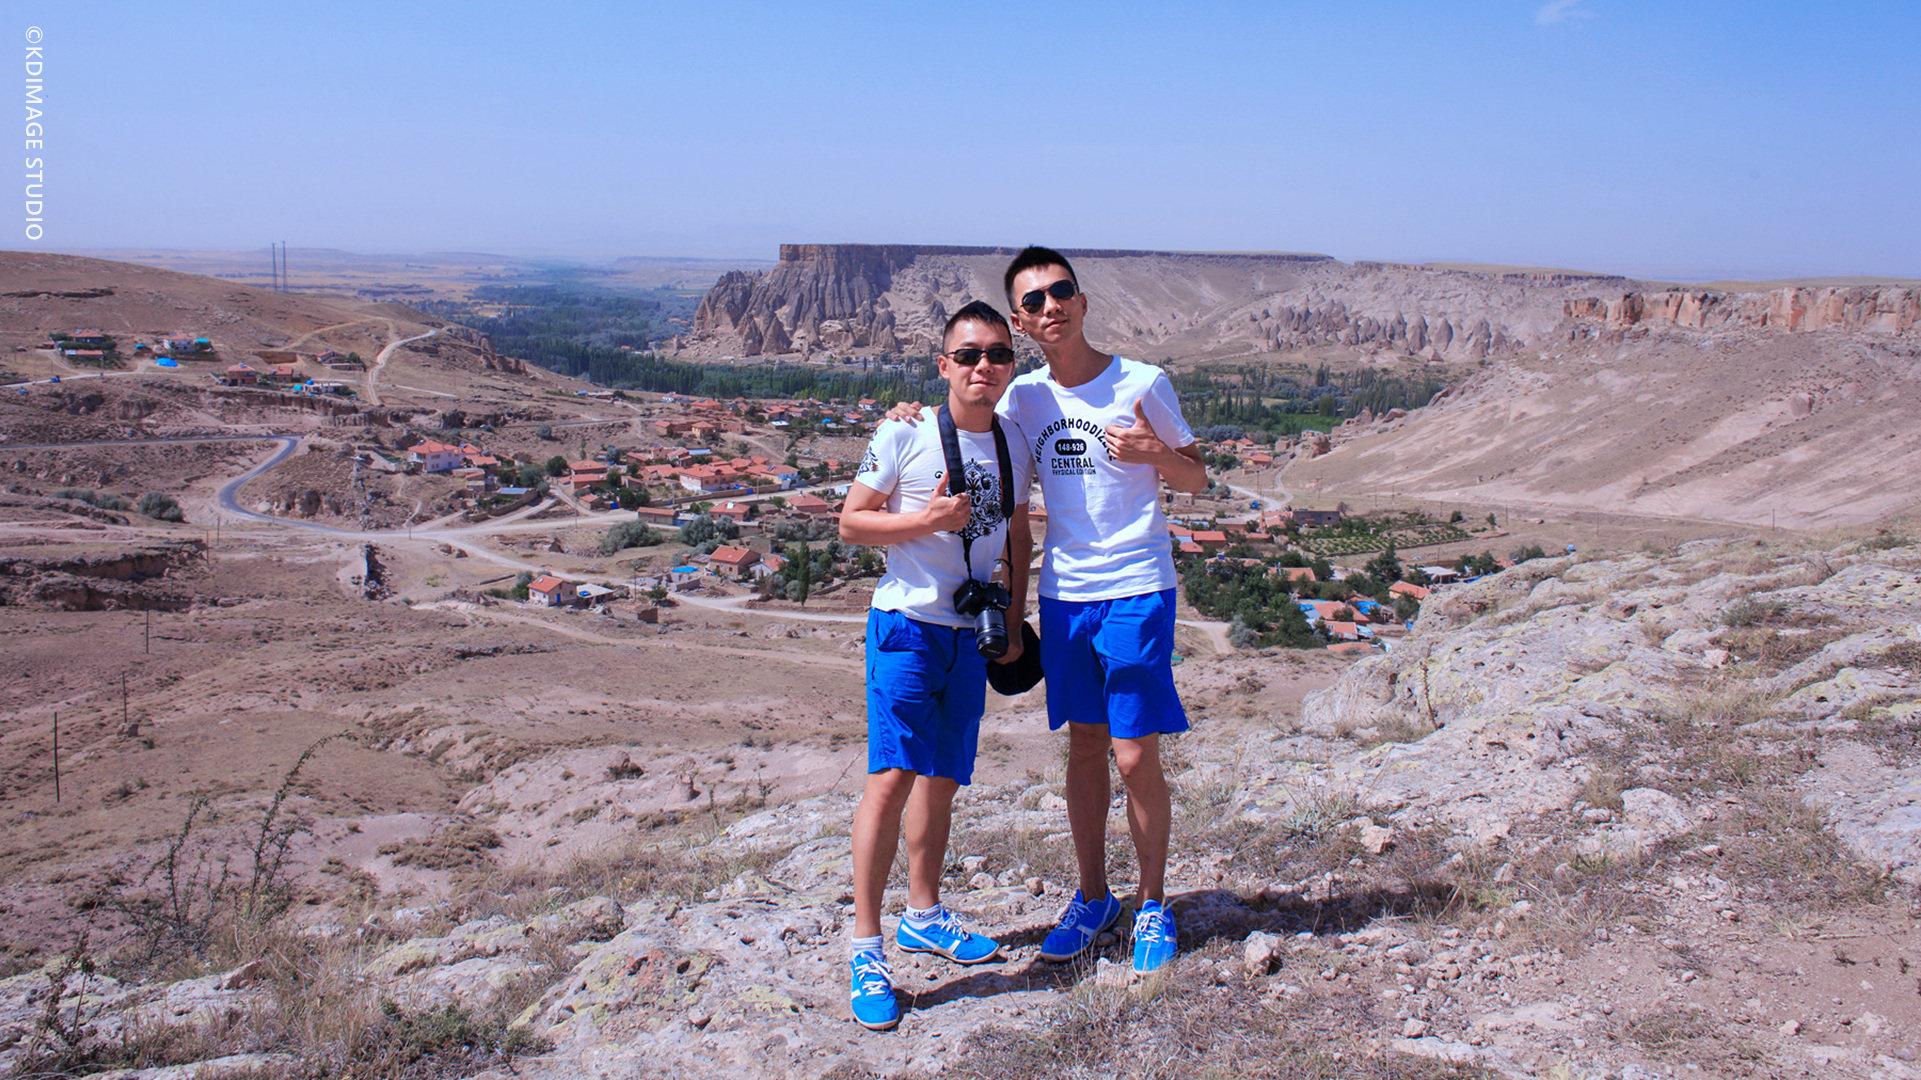 带你去看浪漫的土耳其!蓝色的土耳其,浪漫的土耳其